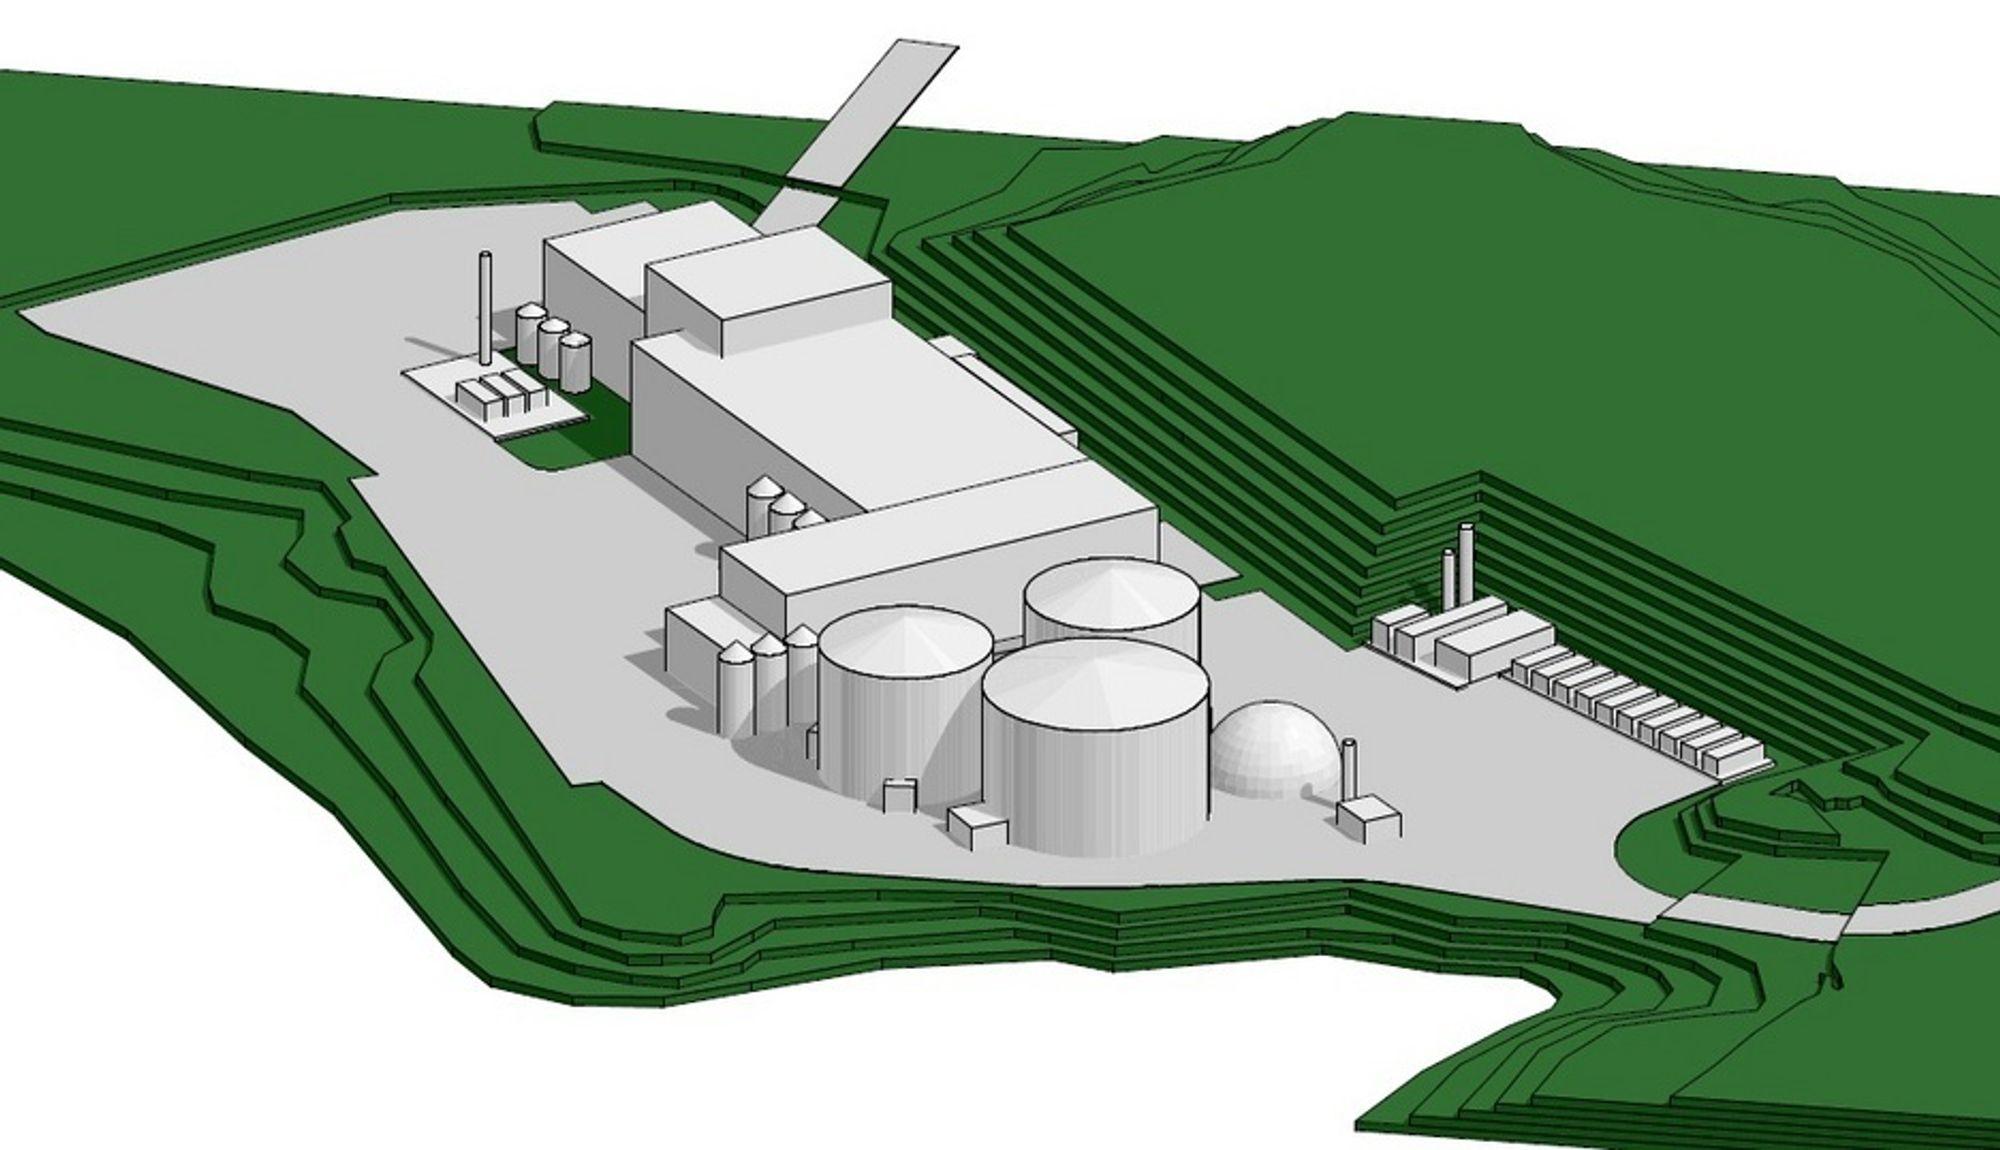 LAGER DRIVSTOFF: Dette anlegget på Nes skal gjøre matavfall til biogjødsel og drivstoff for busser. Cambi i Asker fikk kontrakten verdt 350 millioner kroner med Energigjenvinningsetaten i Oslo.